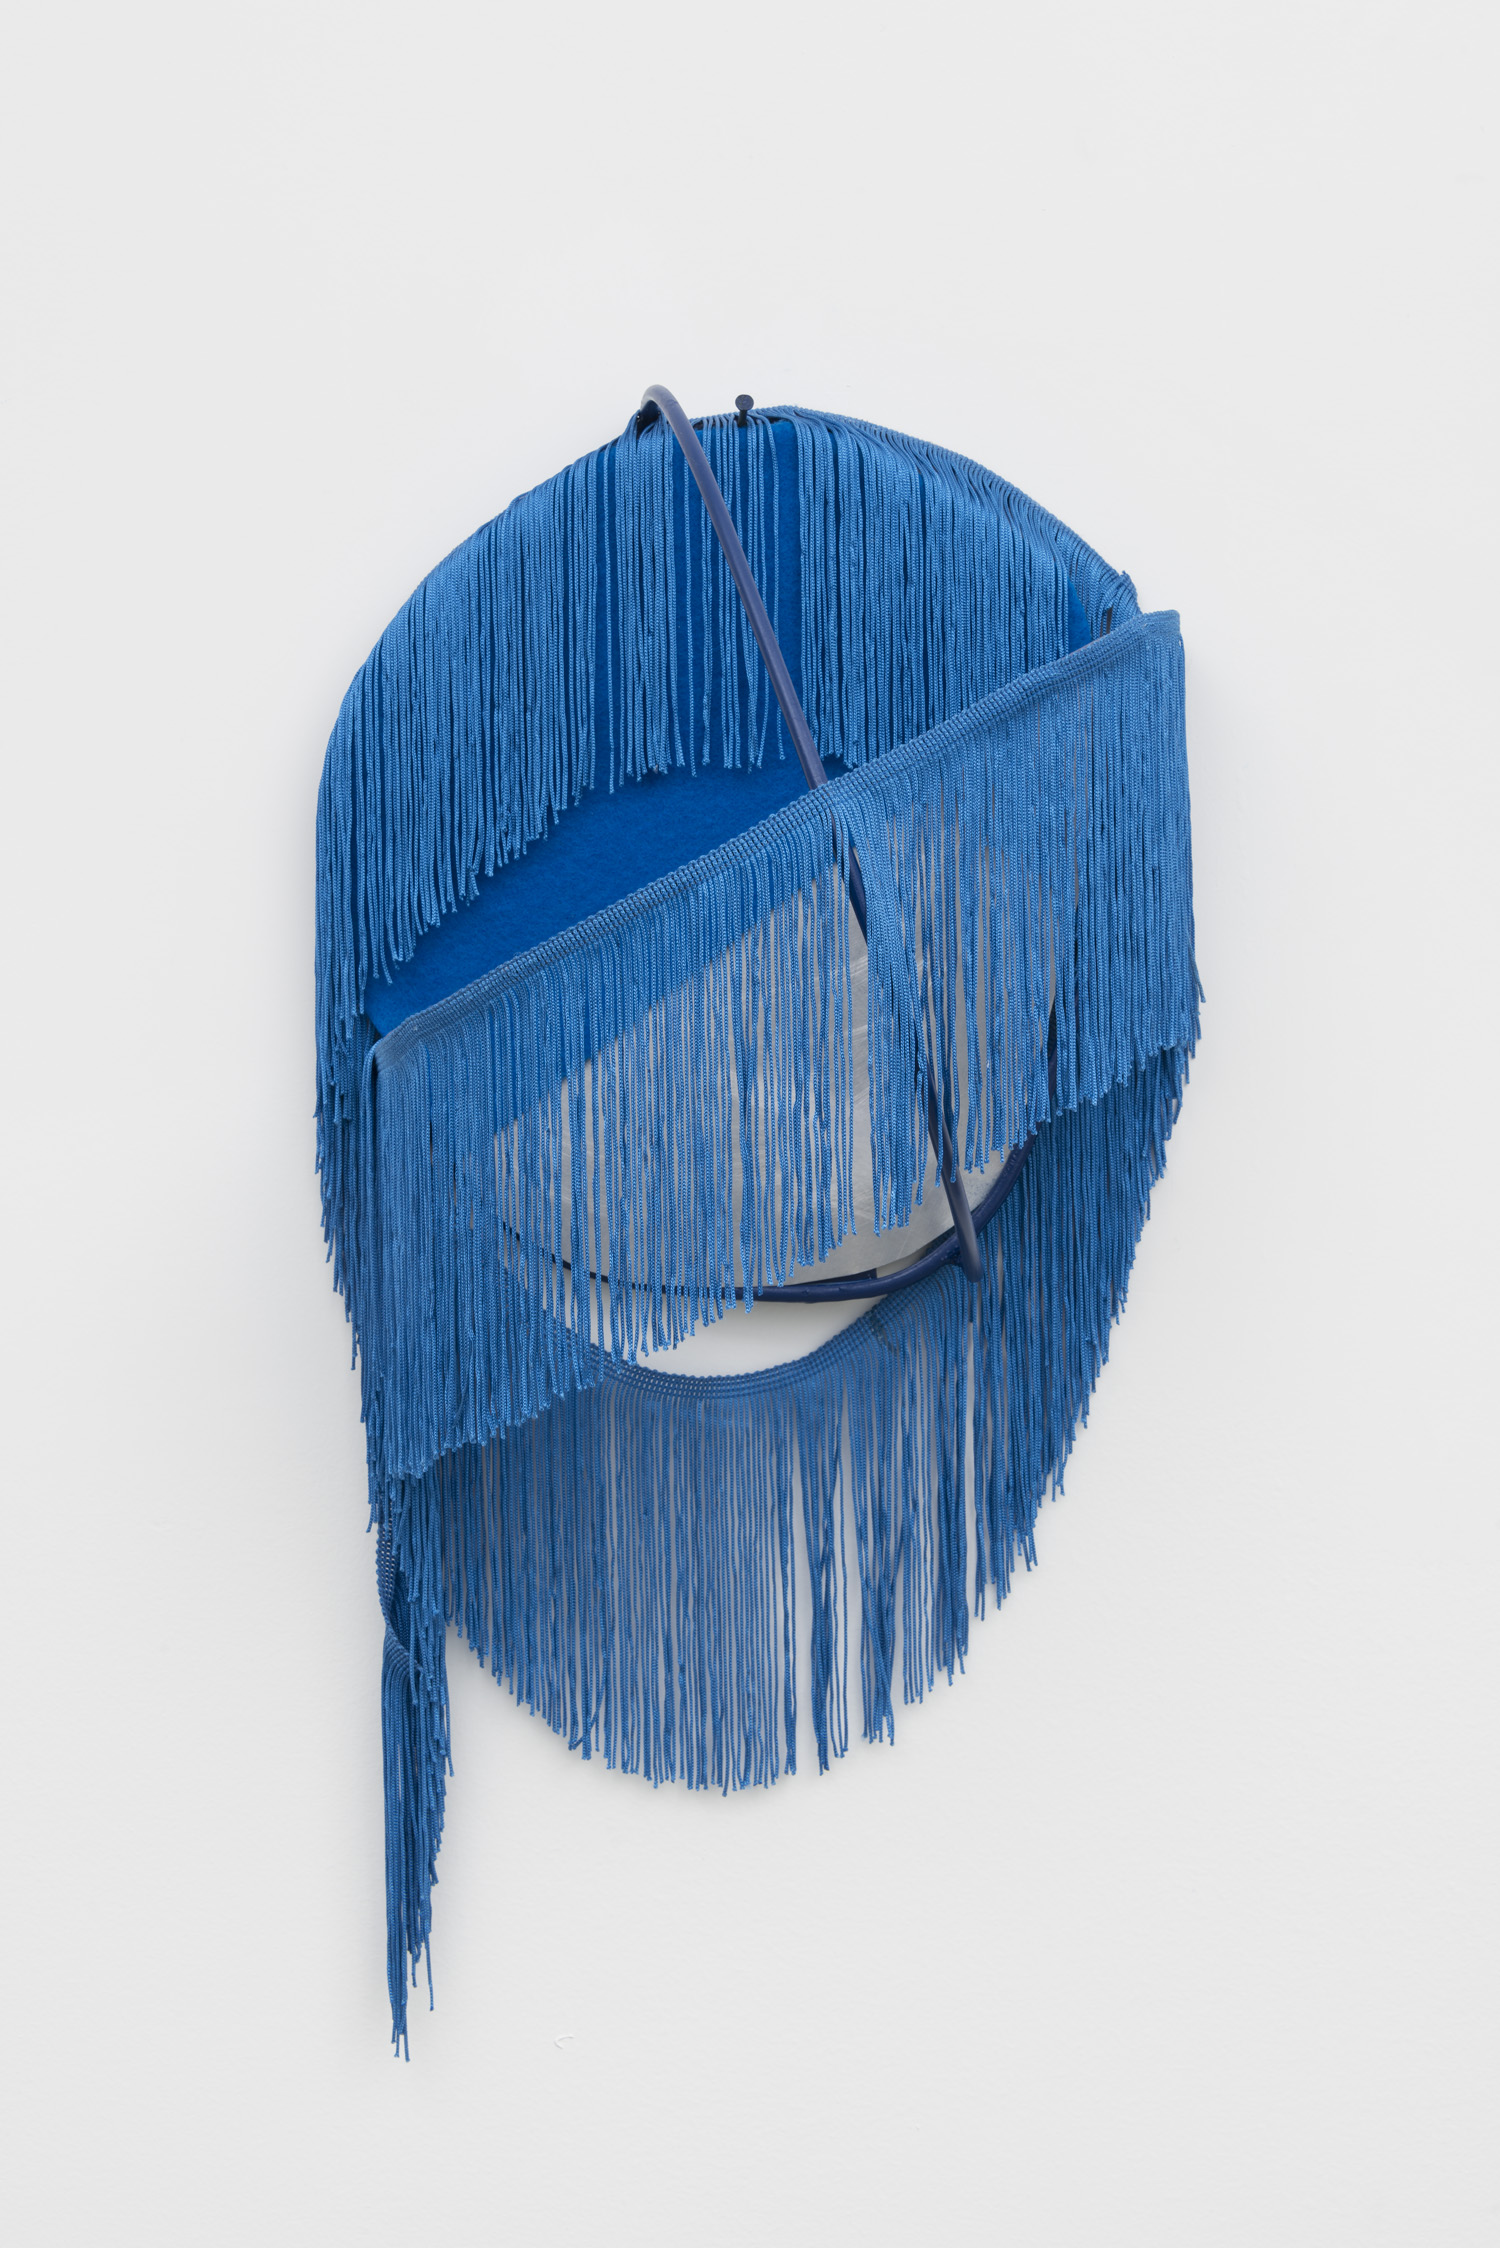 """Blue Fringe, 2016  aluminum, enamel, felt, fringe  21"""" x 11"""" x 8"""""""